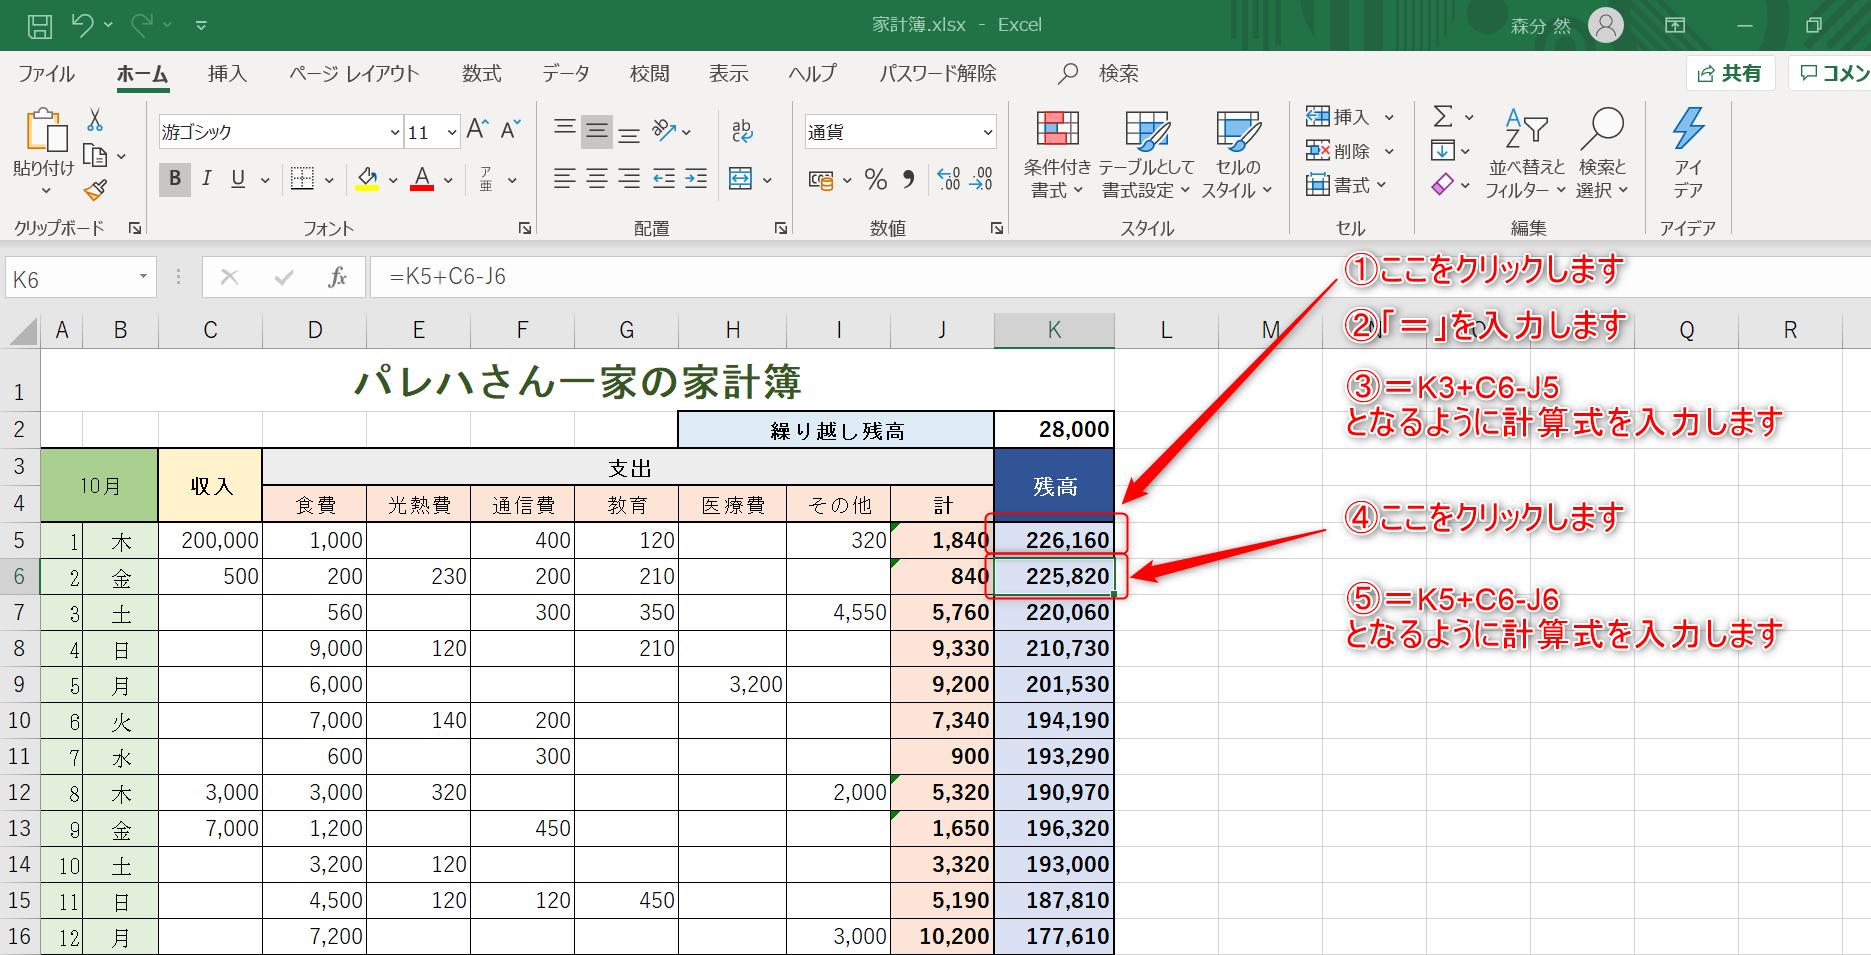 エクセルで基礎的な計算をする方法